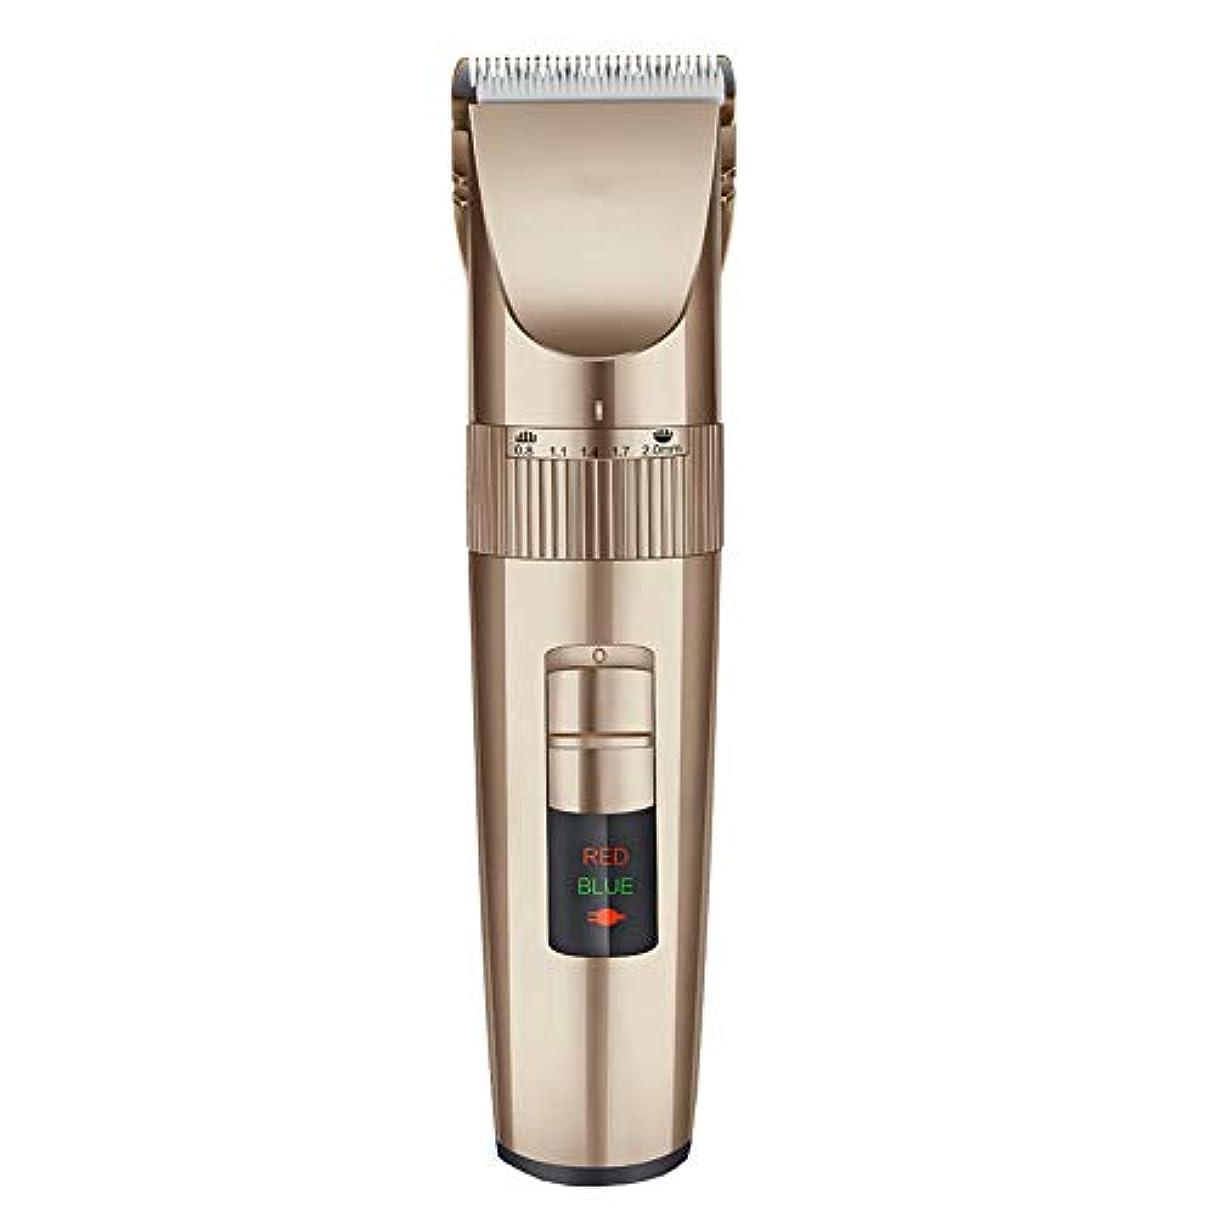 謝罪する非常に怒っていますひらめきバリカン、プロフェッショナル電気ヘアトリマークリッパーメンズヘアカッティングマシン理髪髭カッターシェービングusb充電